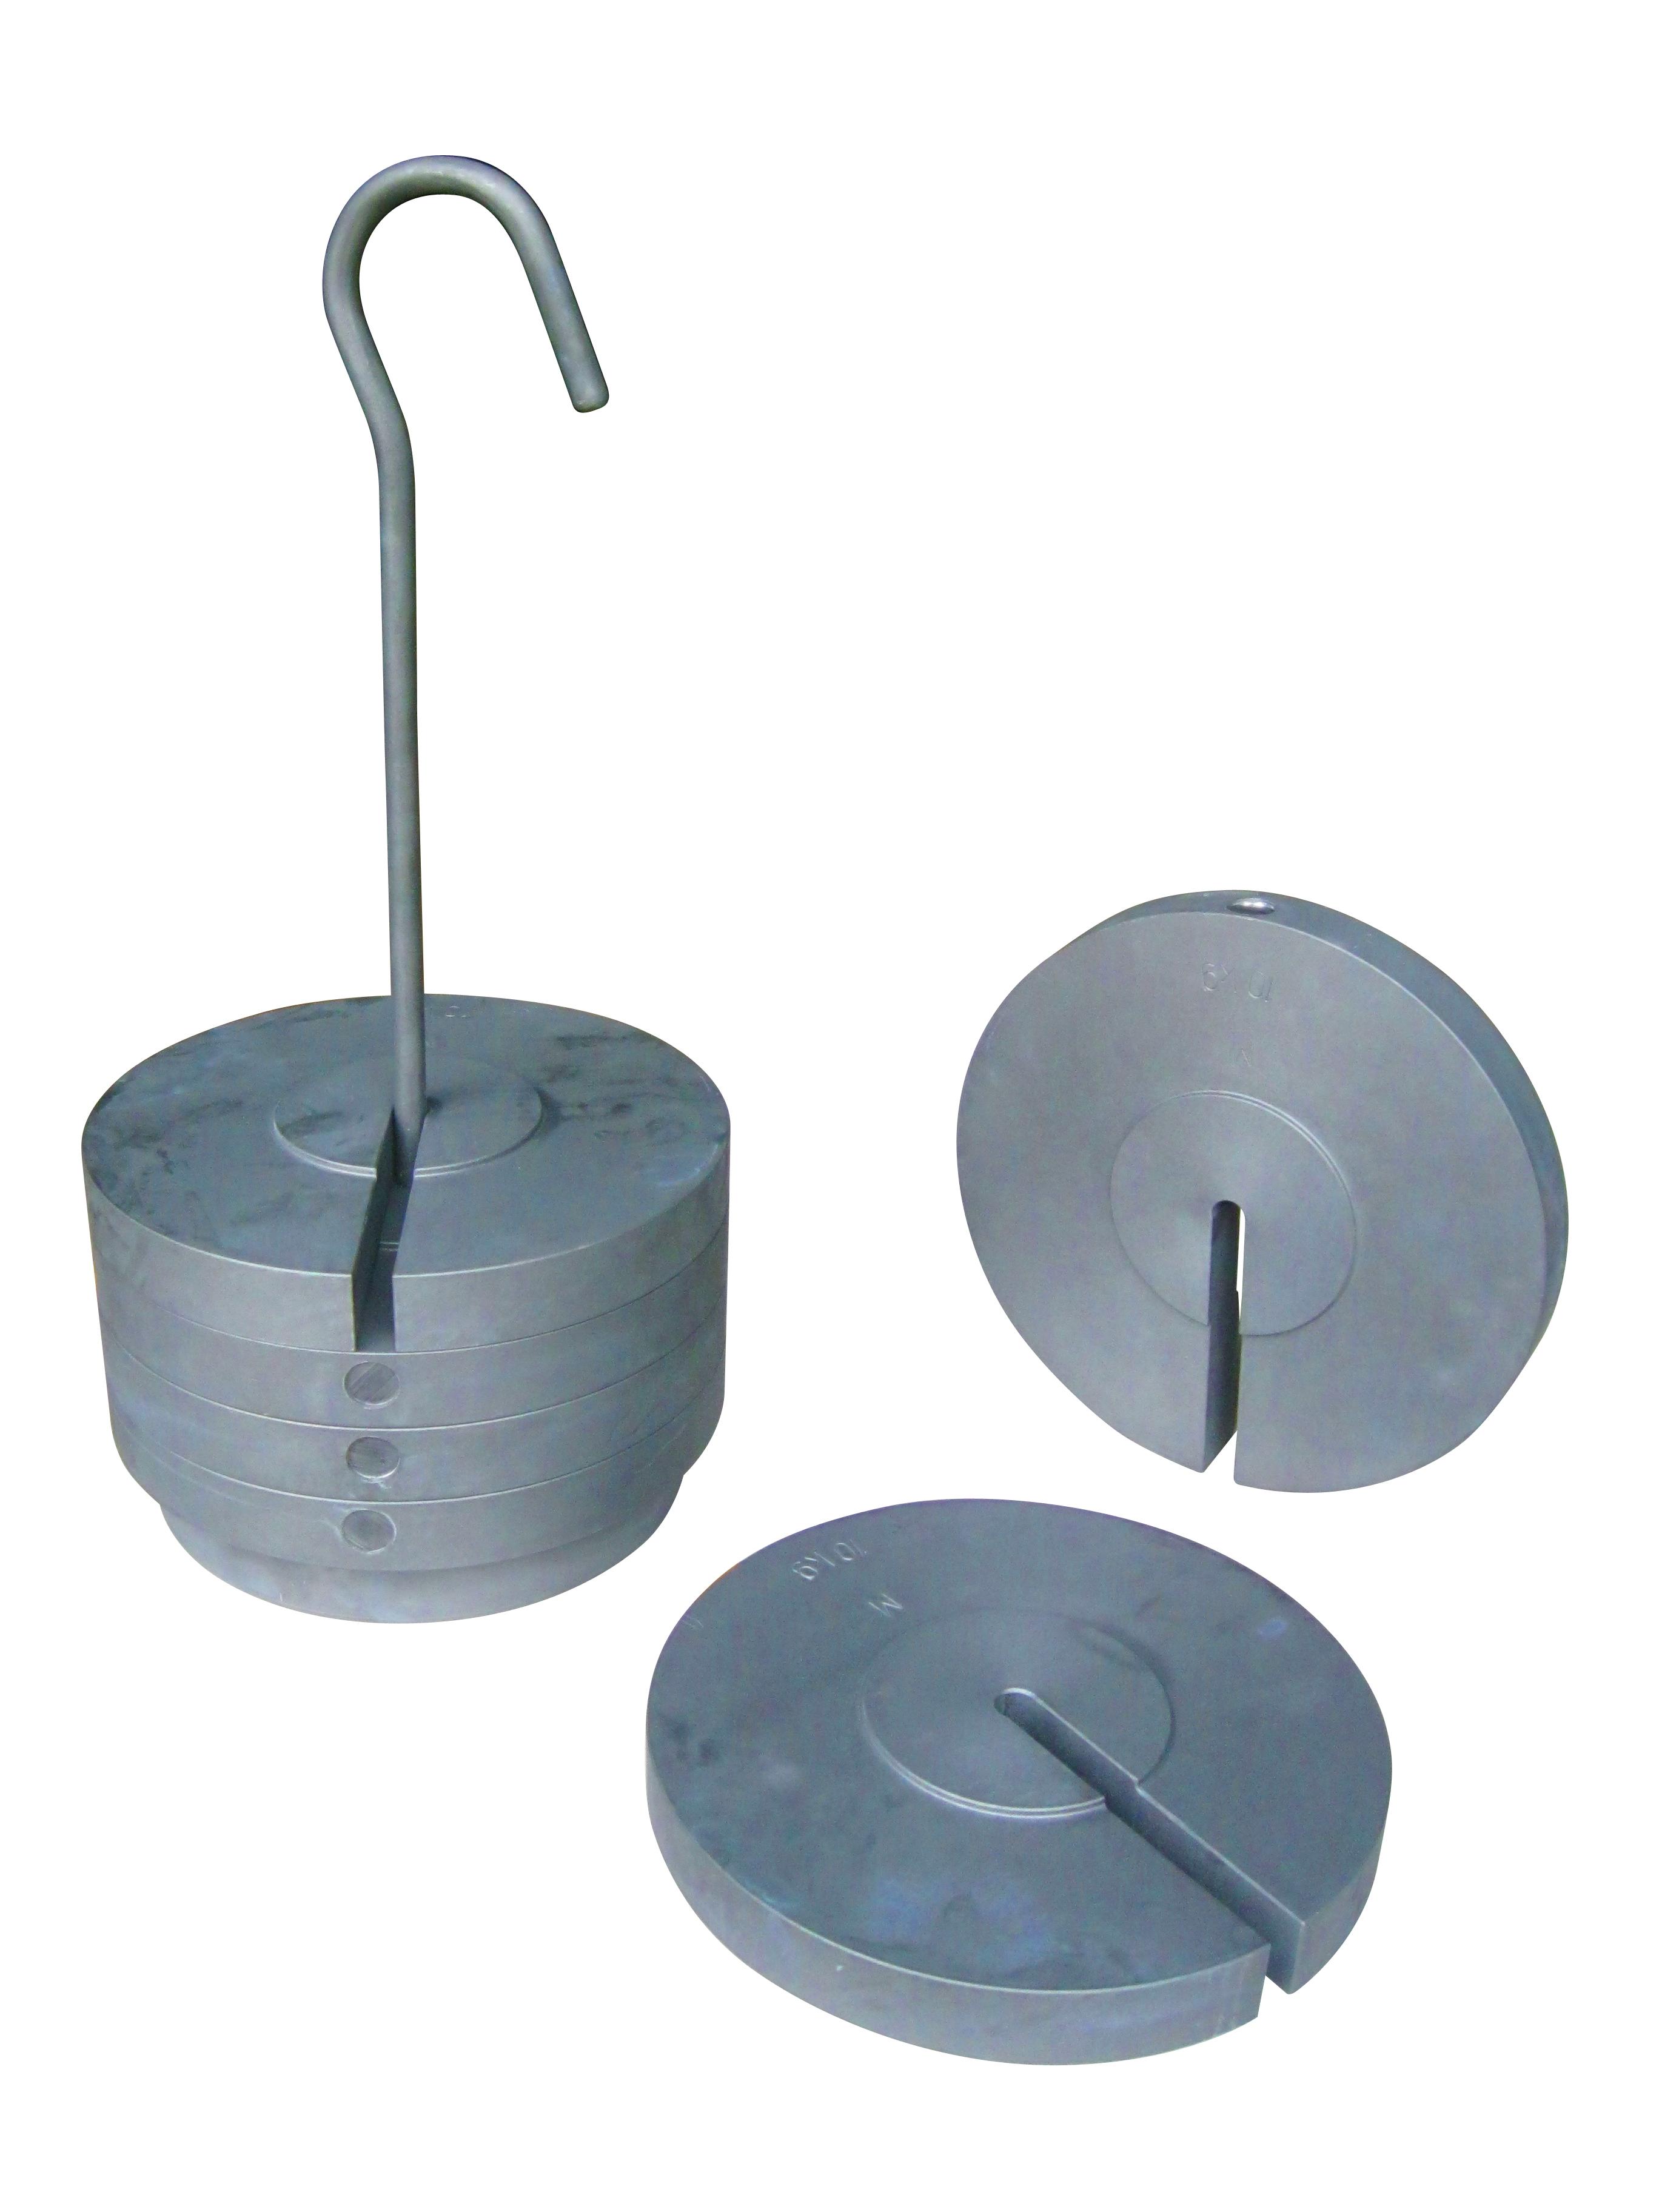 Pesi a disco con asta porta pesi da 1 kg a 20 kg - Partenza da calata porta di massa ...